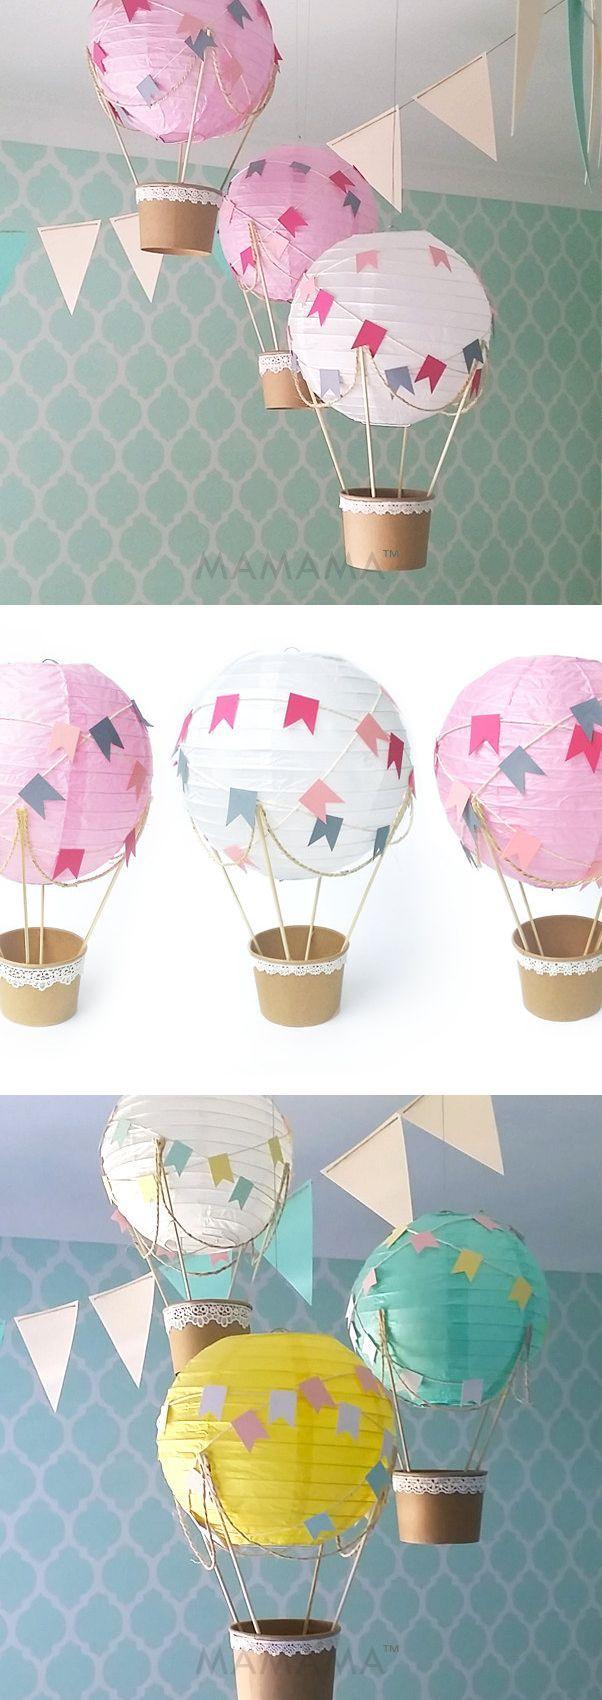 Whimsical Hot Air Balloon Decoration DIY kit , Nursery